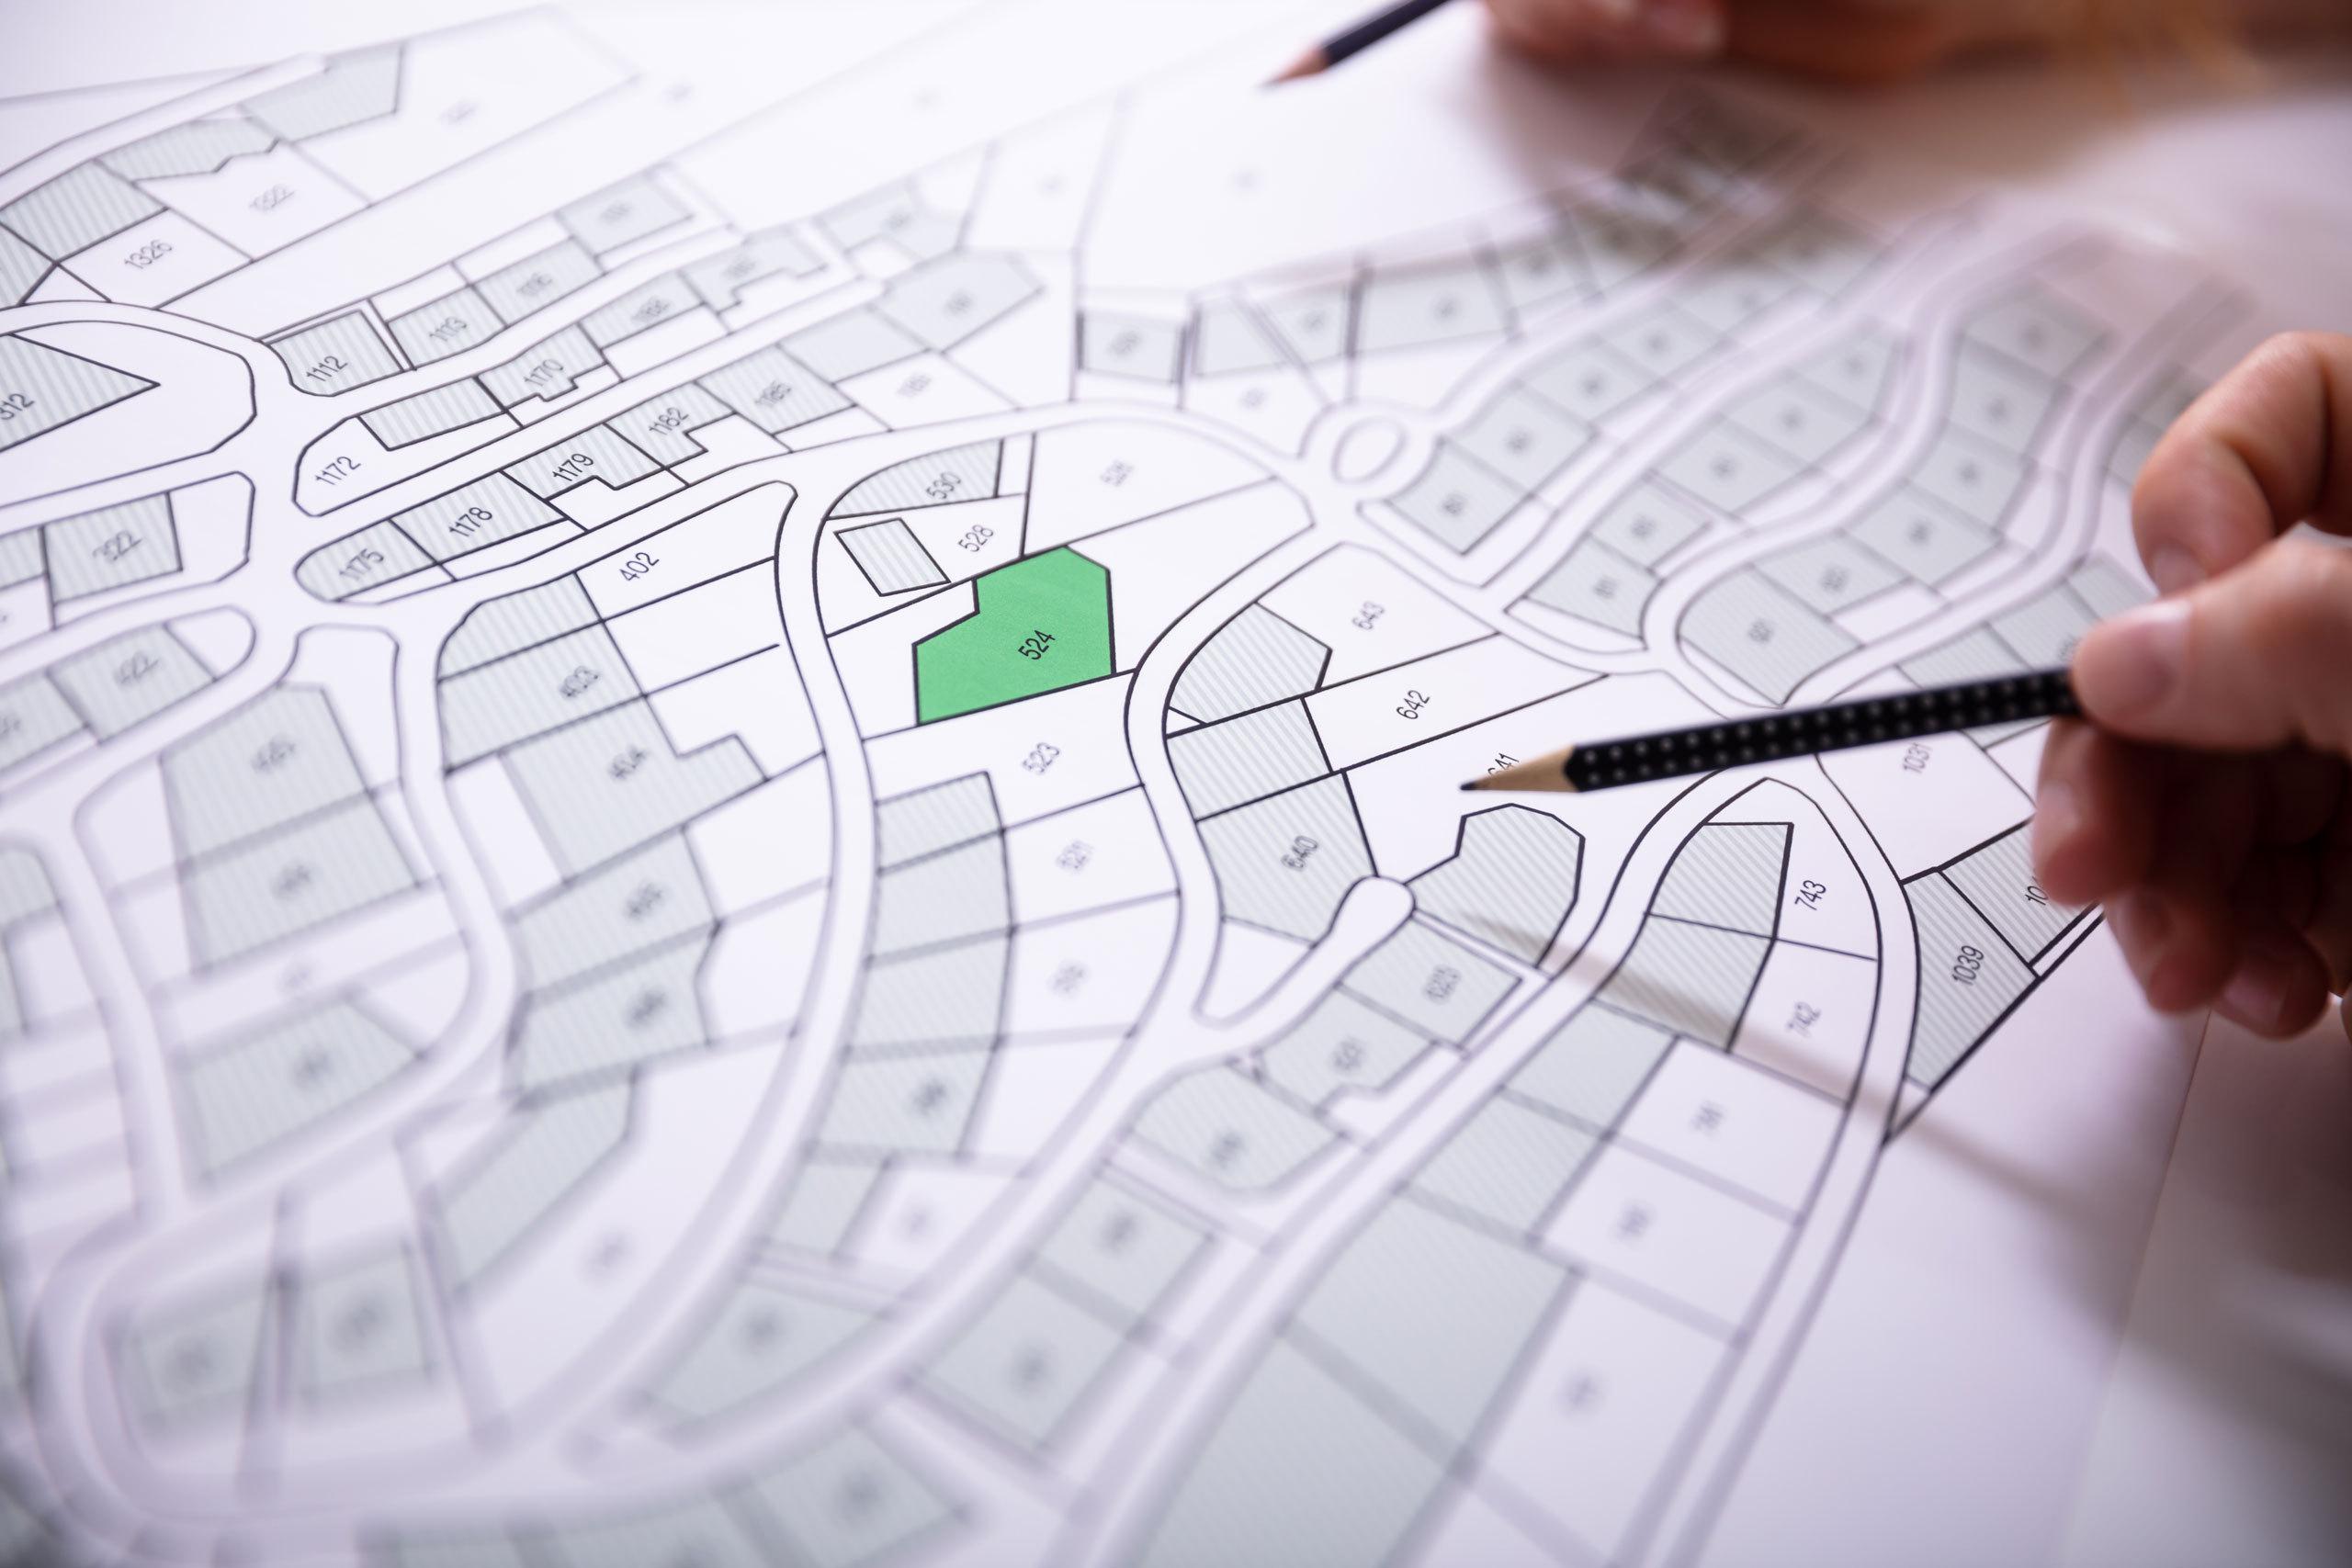 Photo Vente ou achat d'une propriété Le certificat de localisation : une protection pour les deux parties